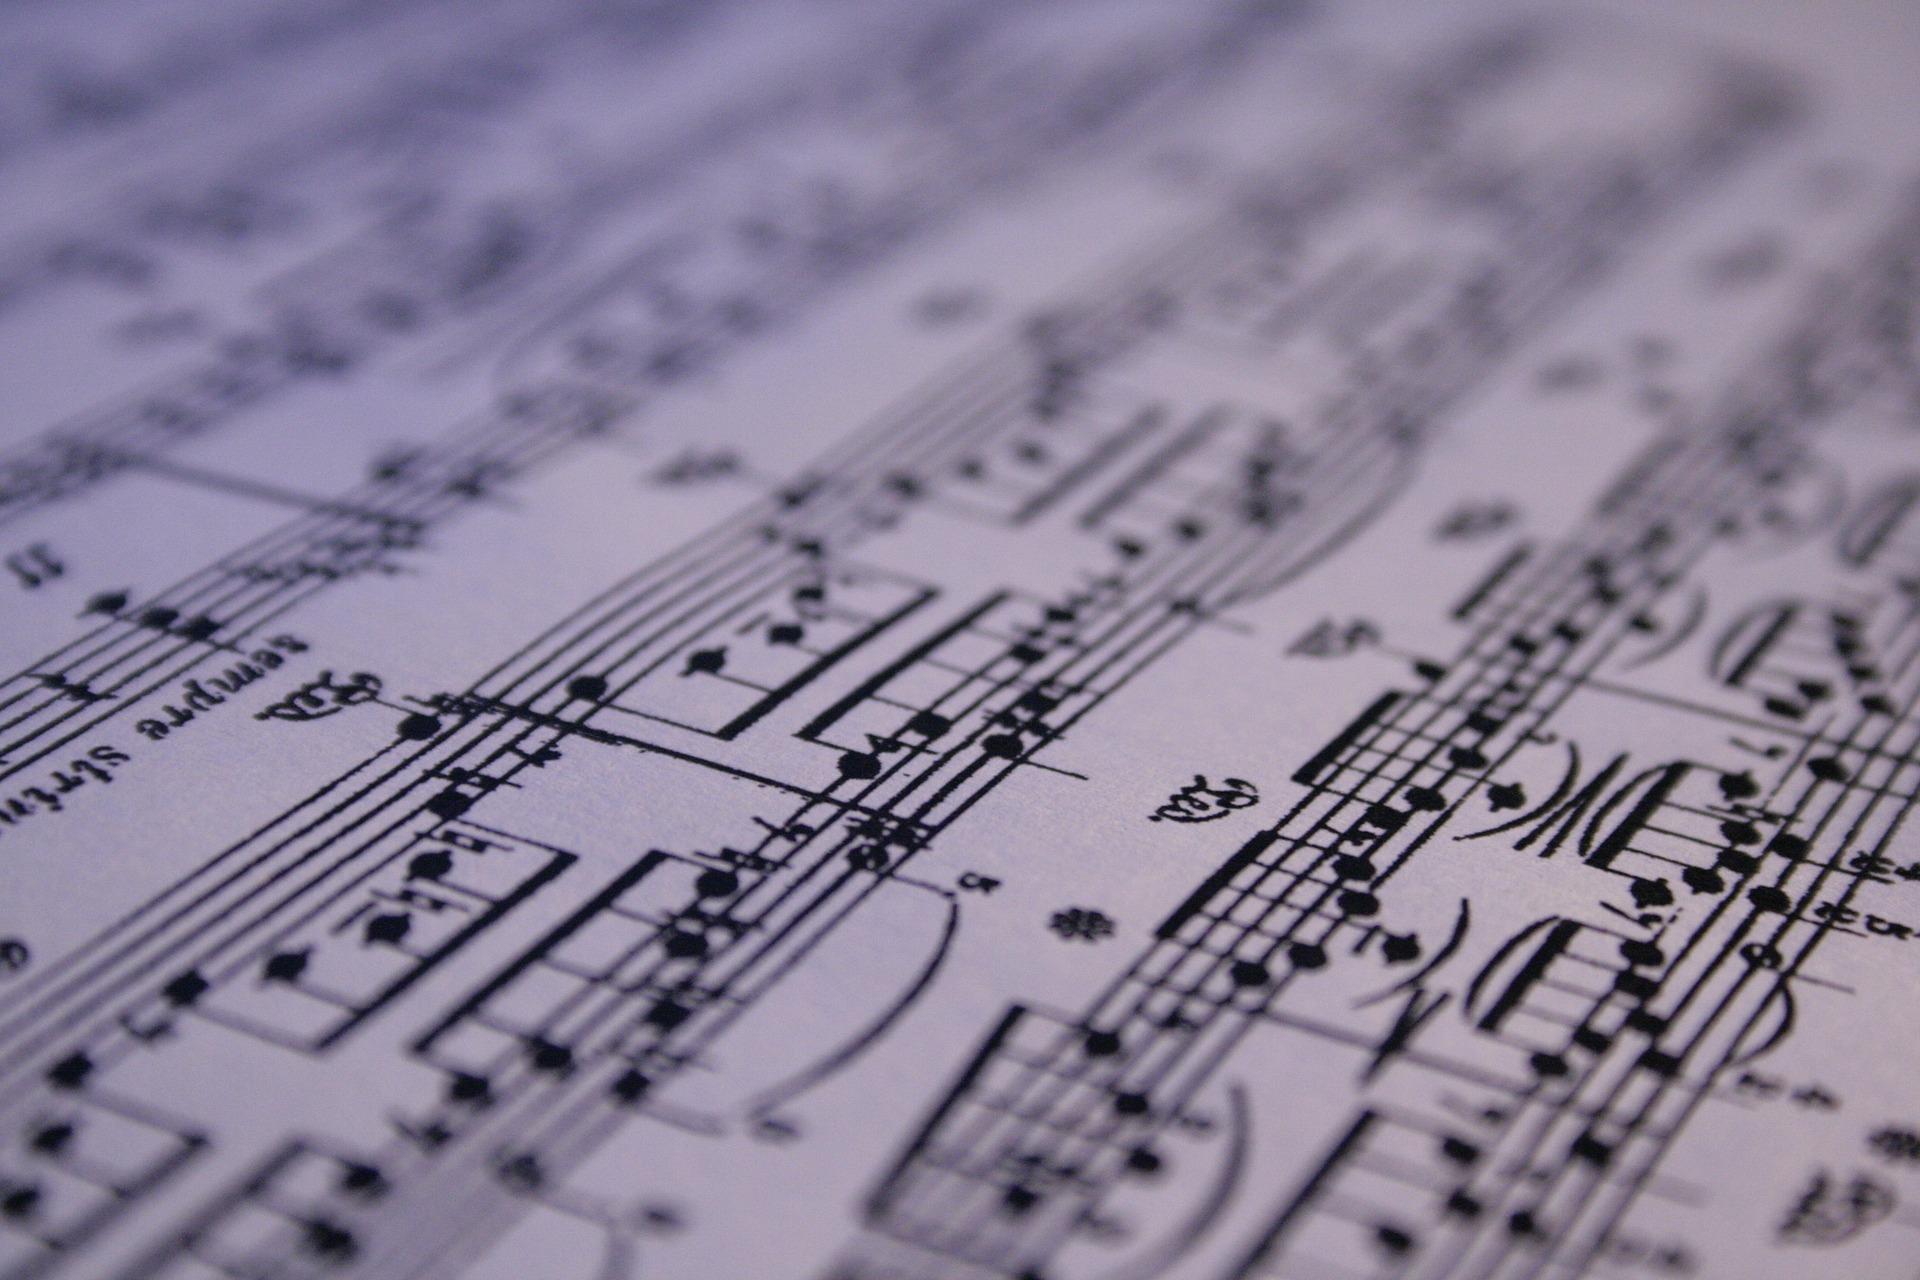 【第1回 音価について】ポイントを押さえれば楽譜は読めるようになる!